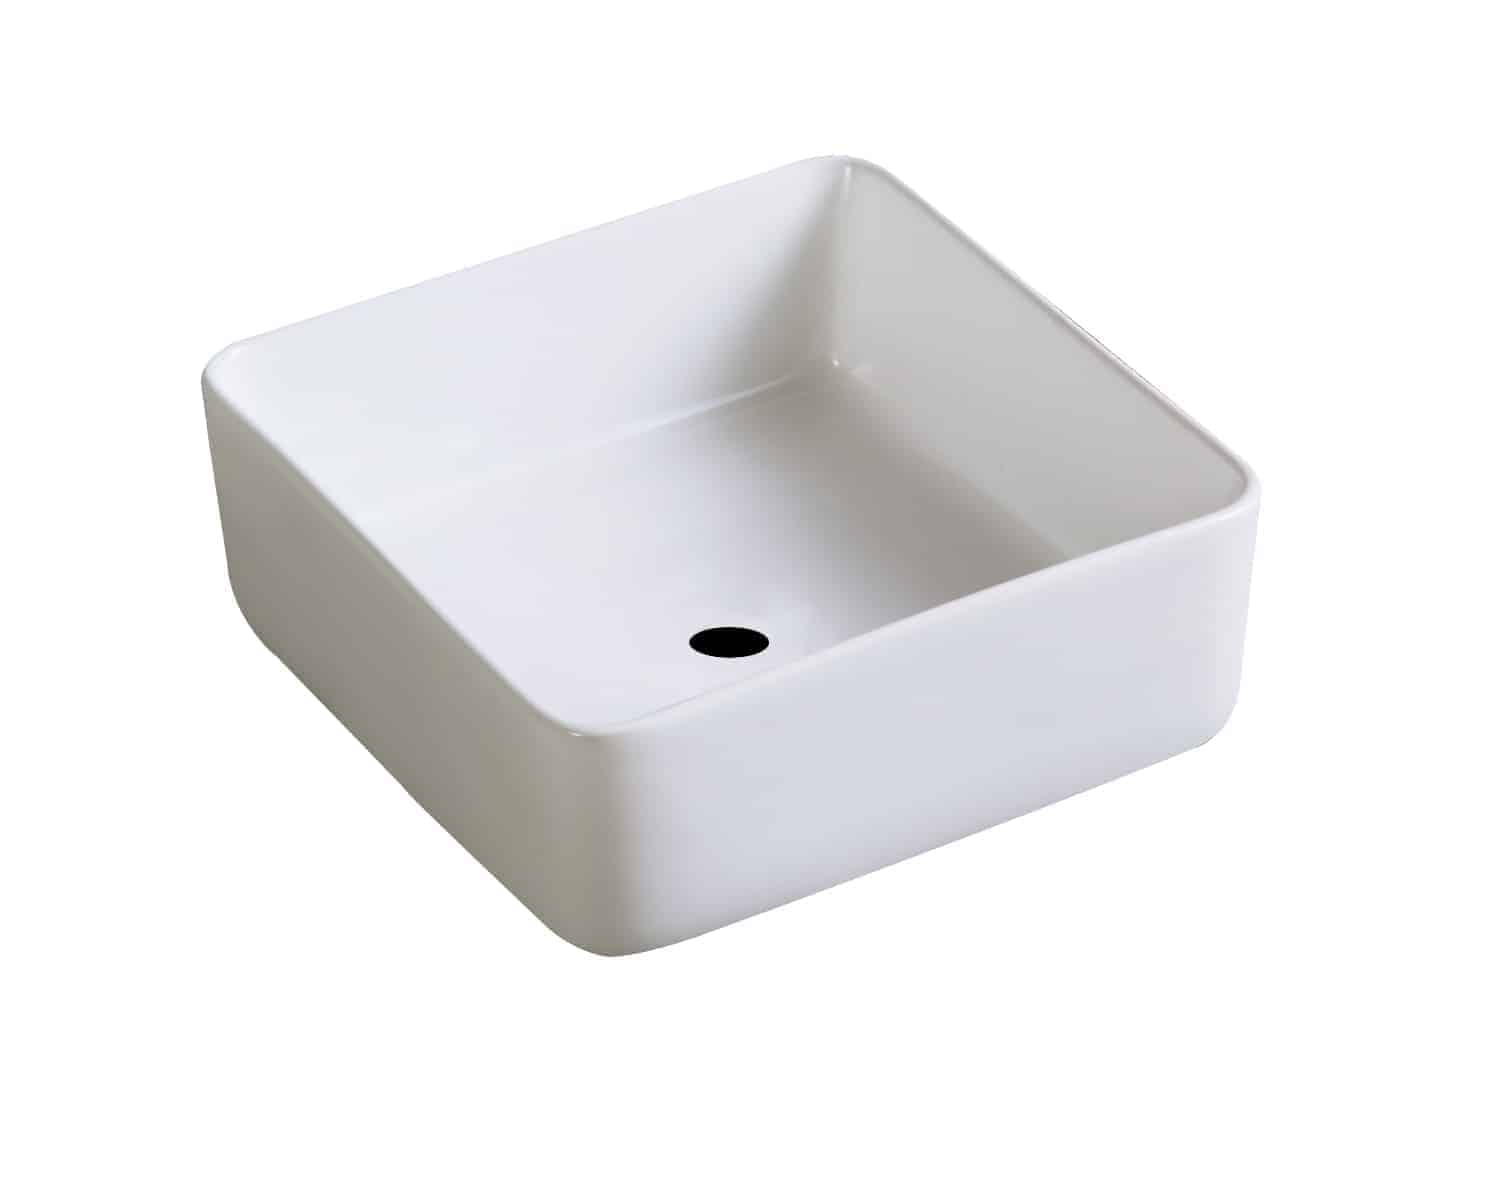 Wasbak Wit Rechthoekig.Wastafel Vierkant Wit Bissel